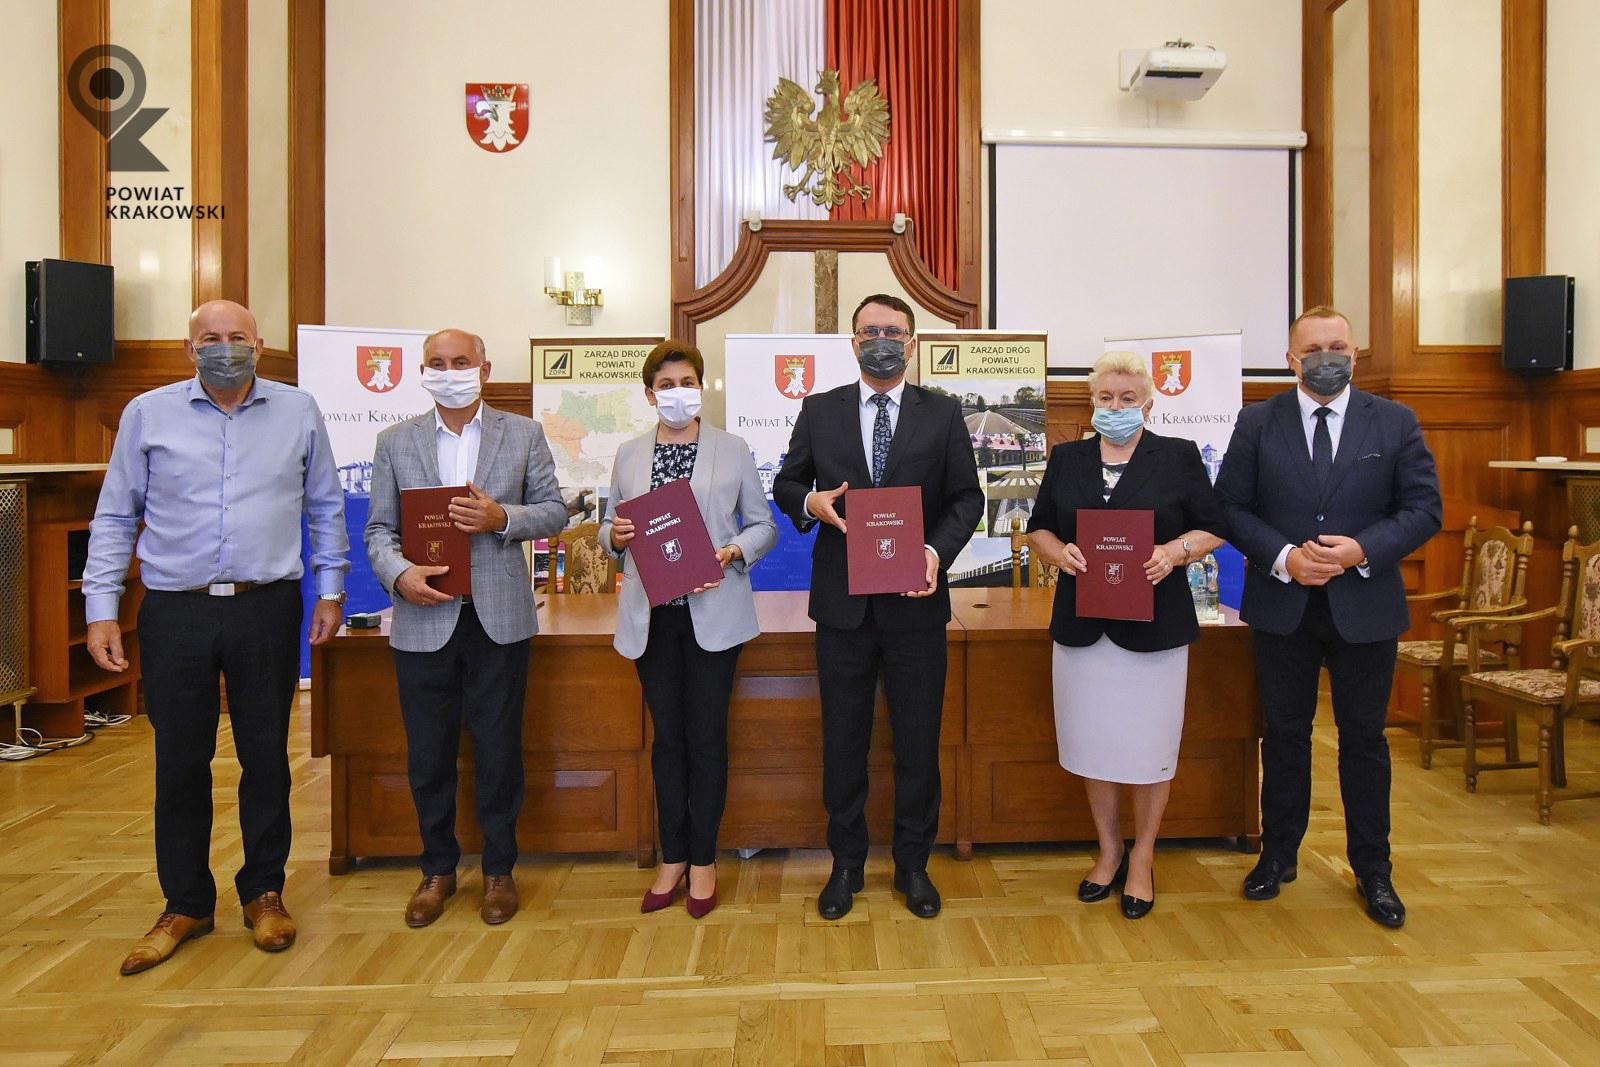 Podpisanie umowy w Starostwie Powiatowym w Krakowie 6